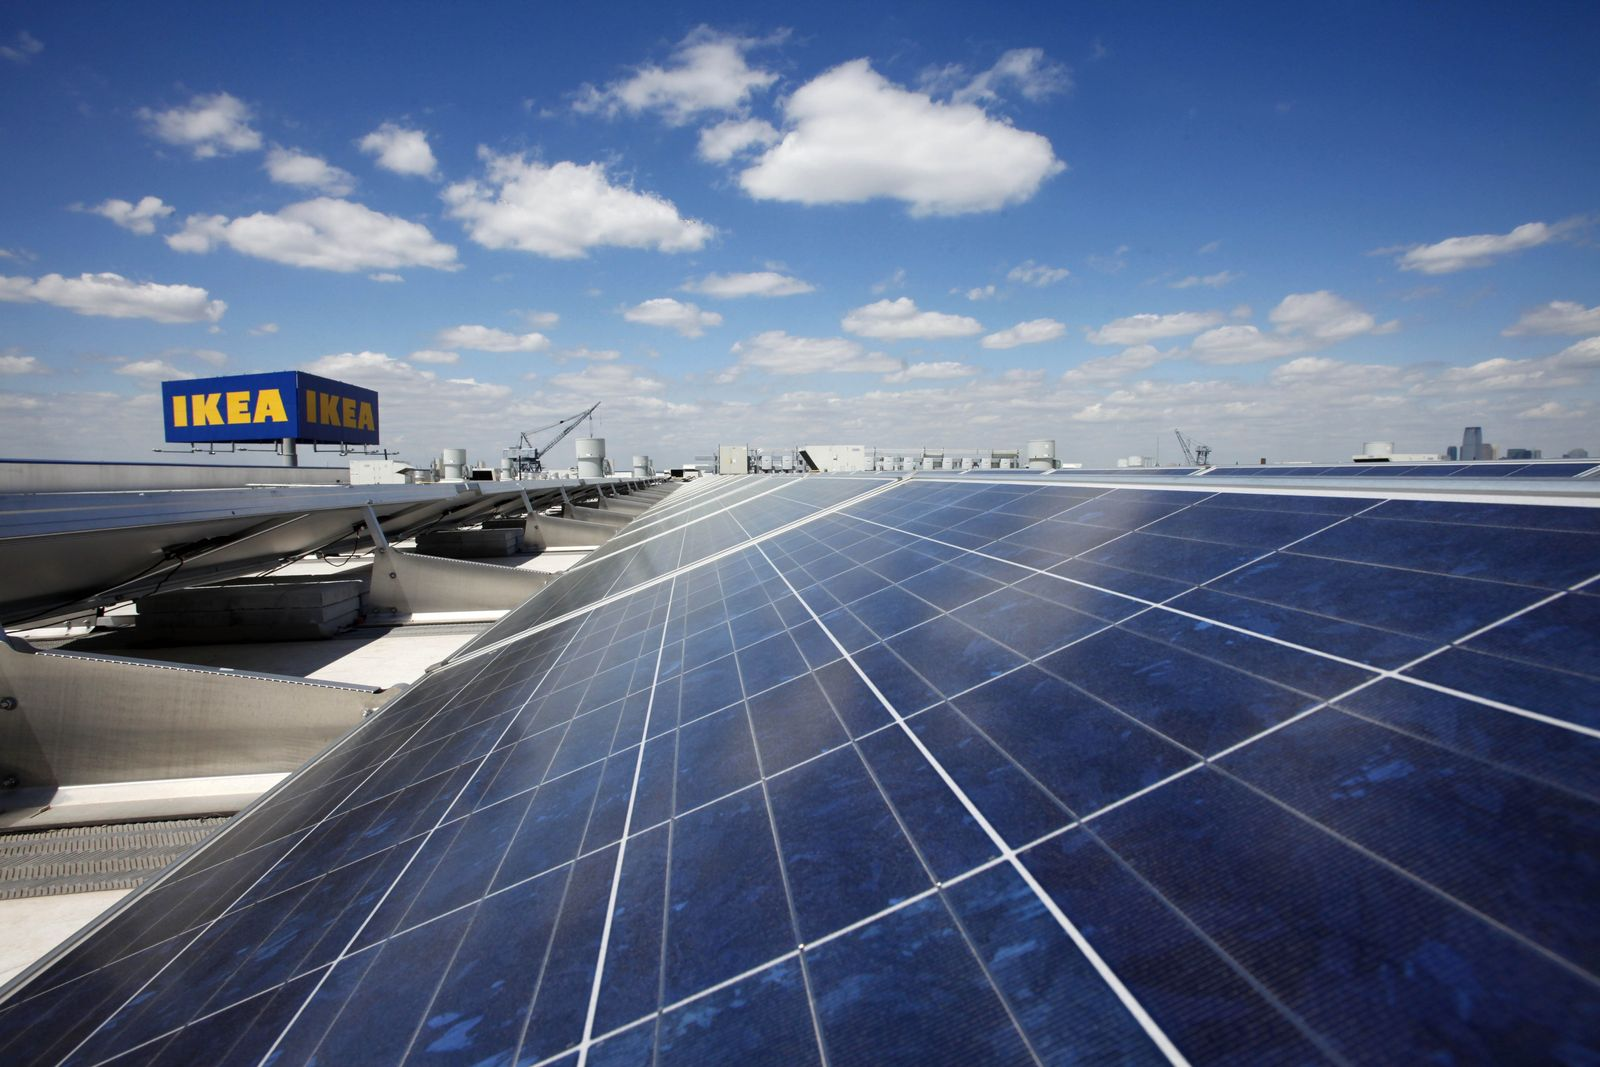 IKEA Brooklyn Solarzellen